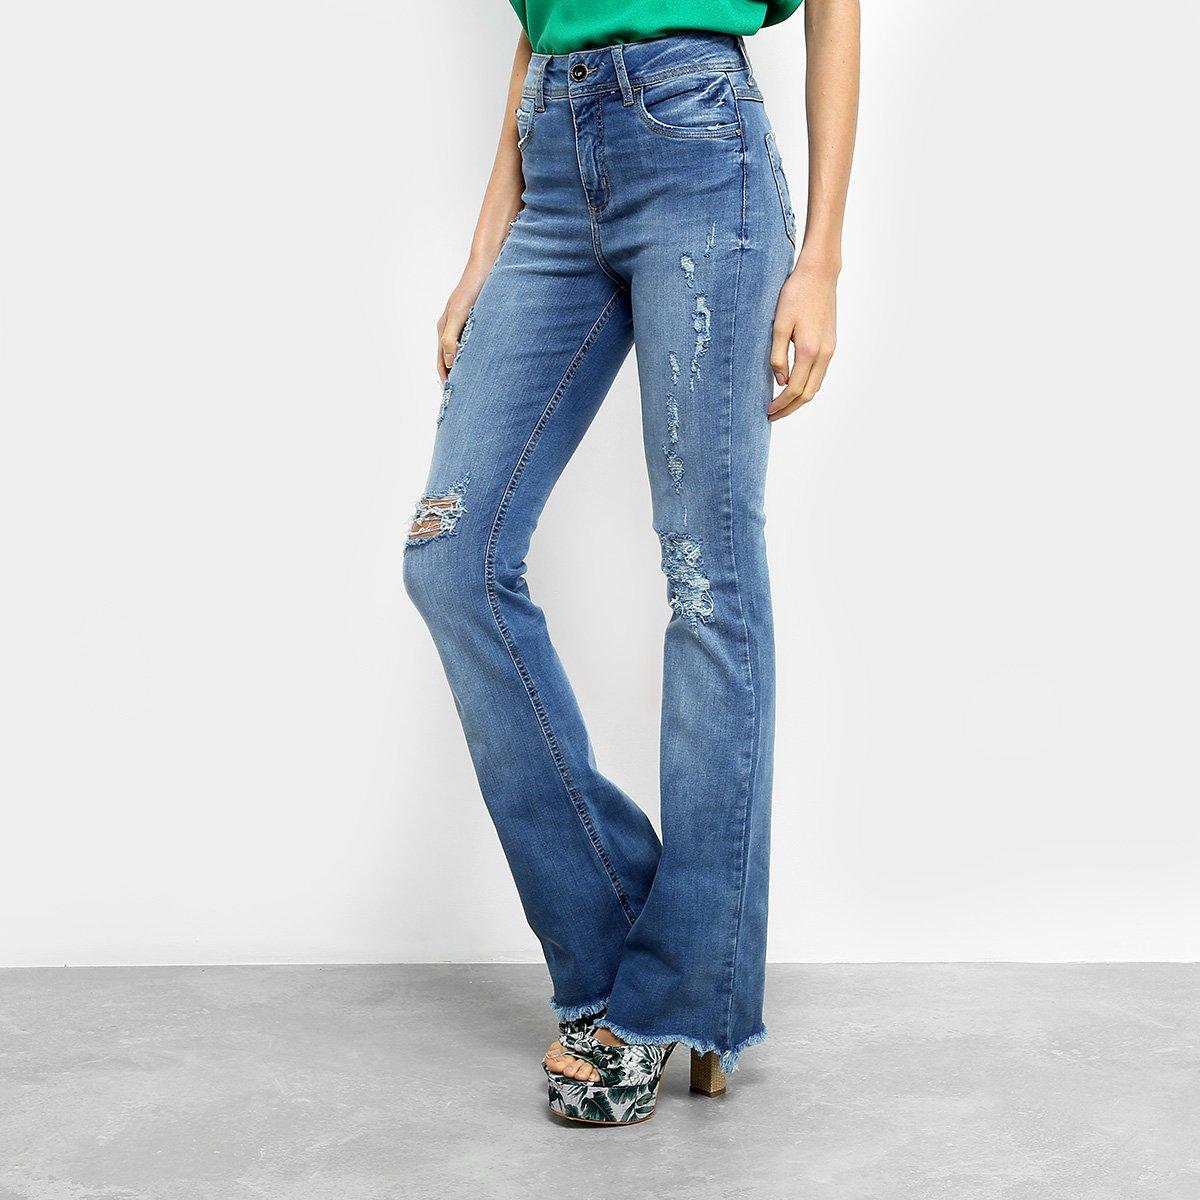 51413416f Calça Jeans Flare Colcci Feminina - Azul - Compre Agora | Netshoes